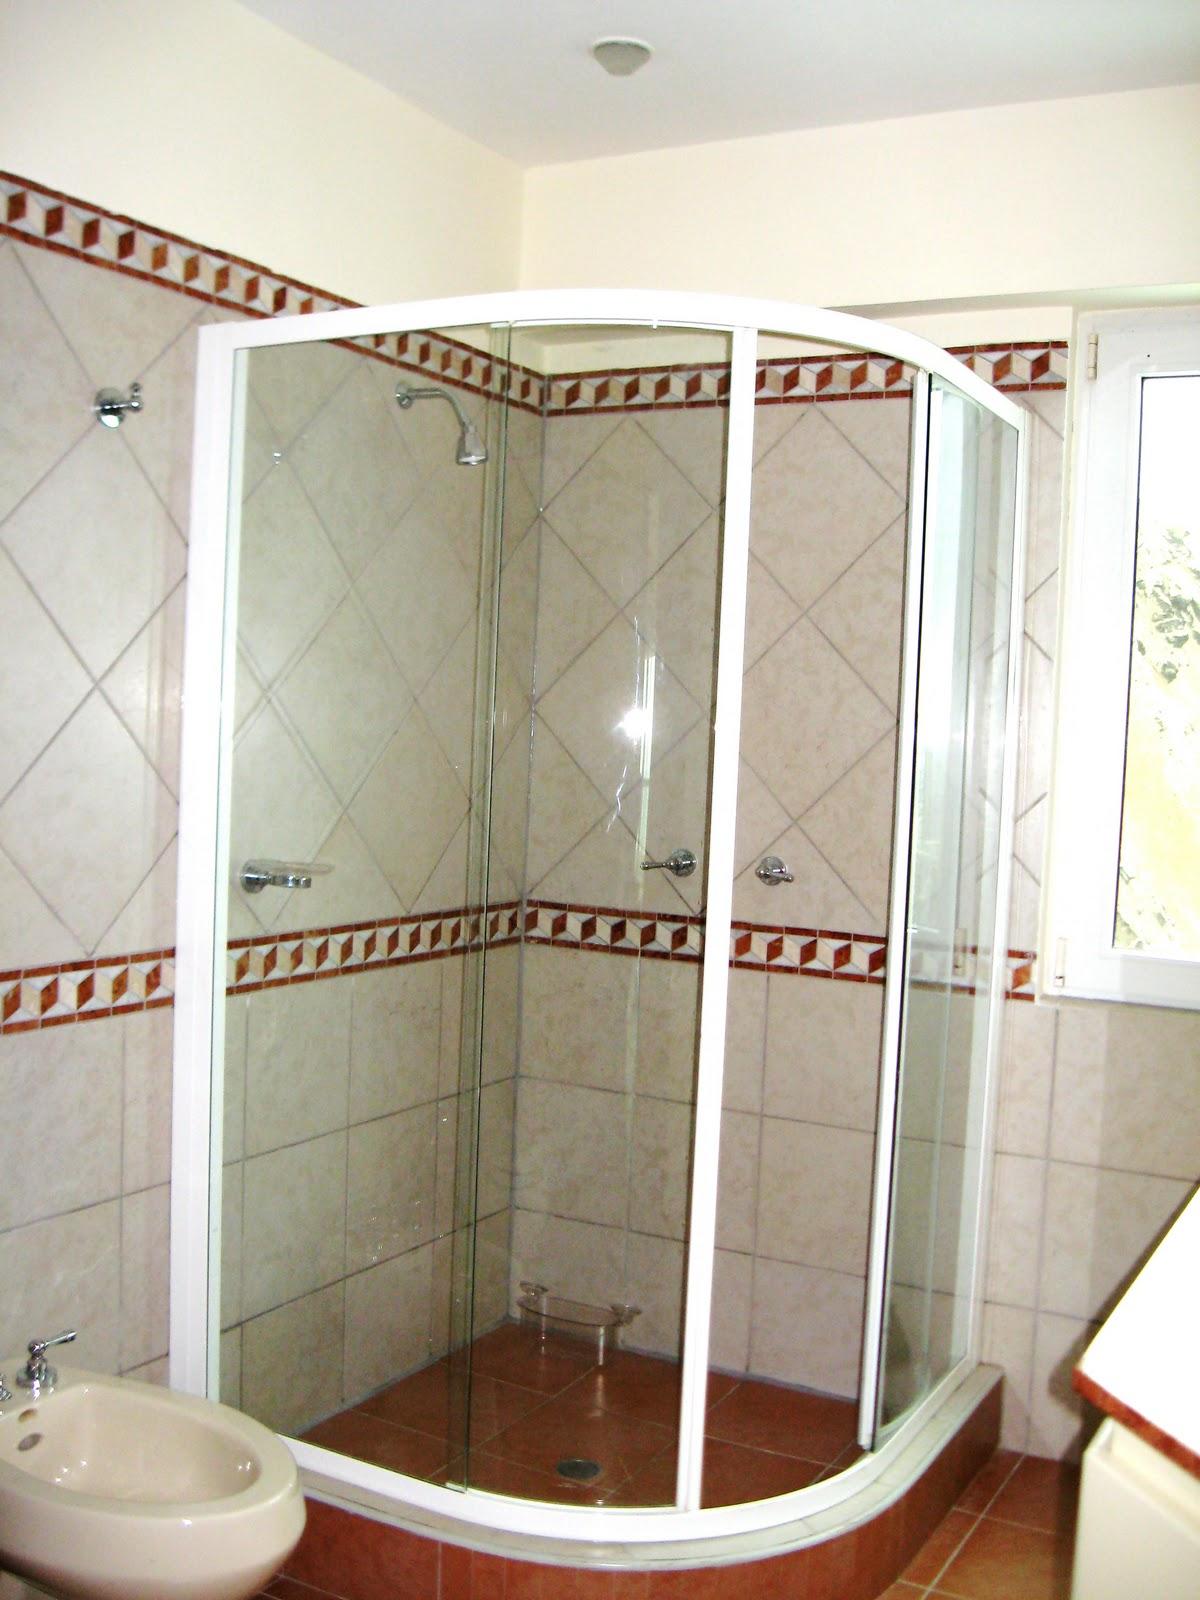 Ba os y duchas decomuebles for Duchas para banos precios